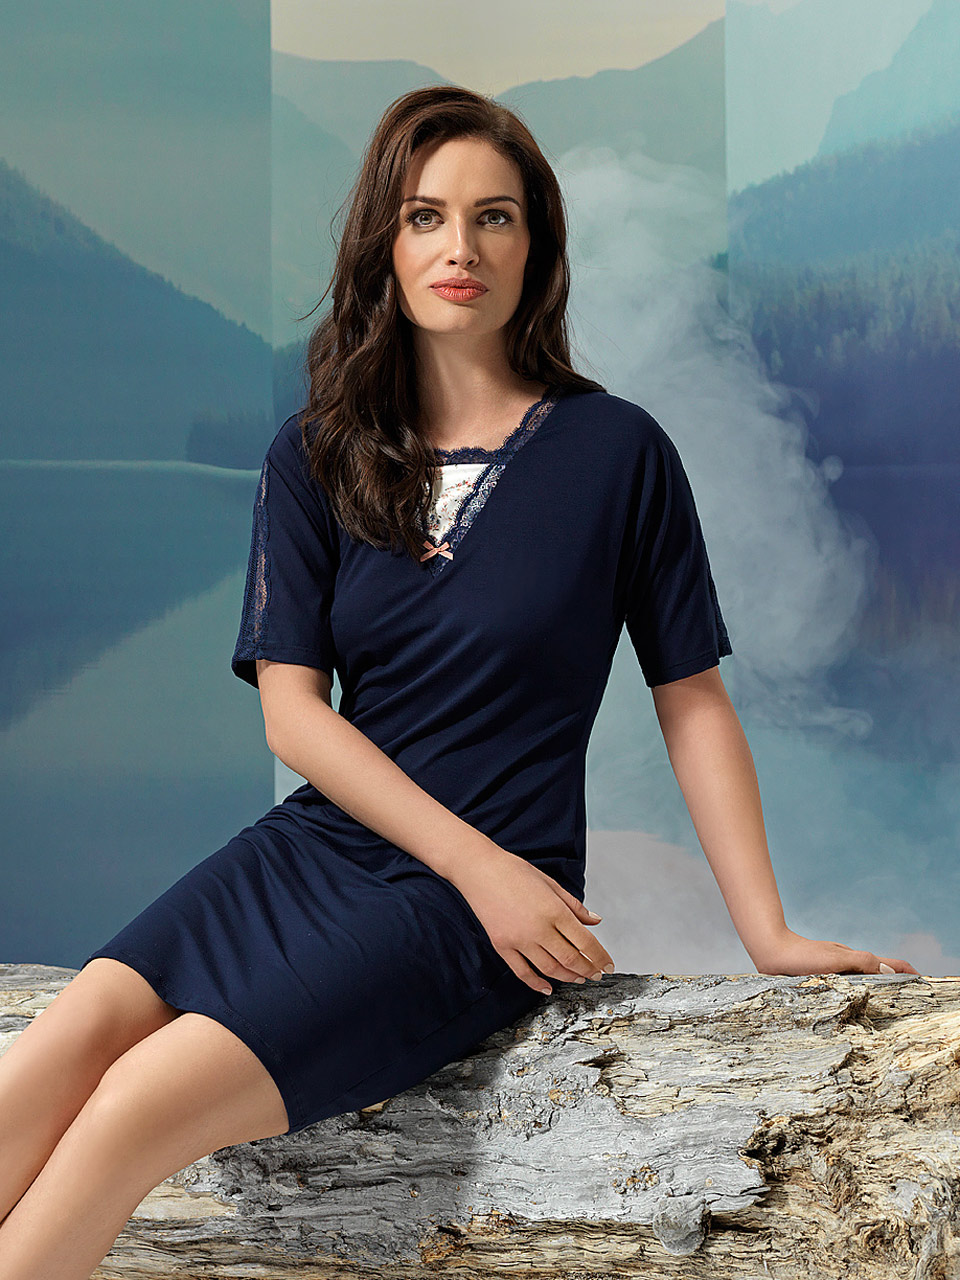 Sparkle 2945 Camicia da notte<br />03 Navy Blue, 55 Pearl